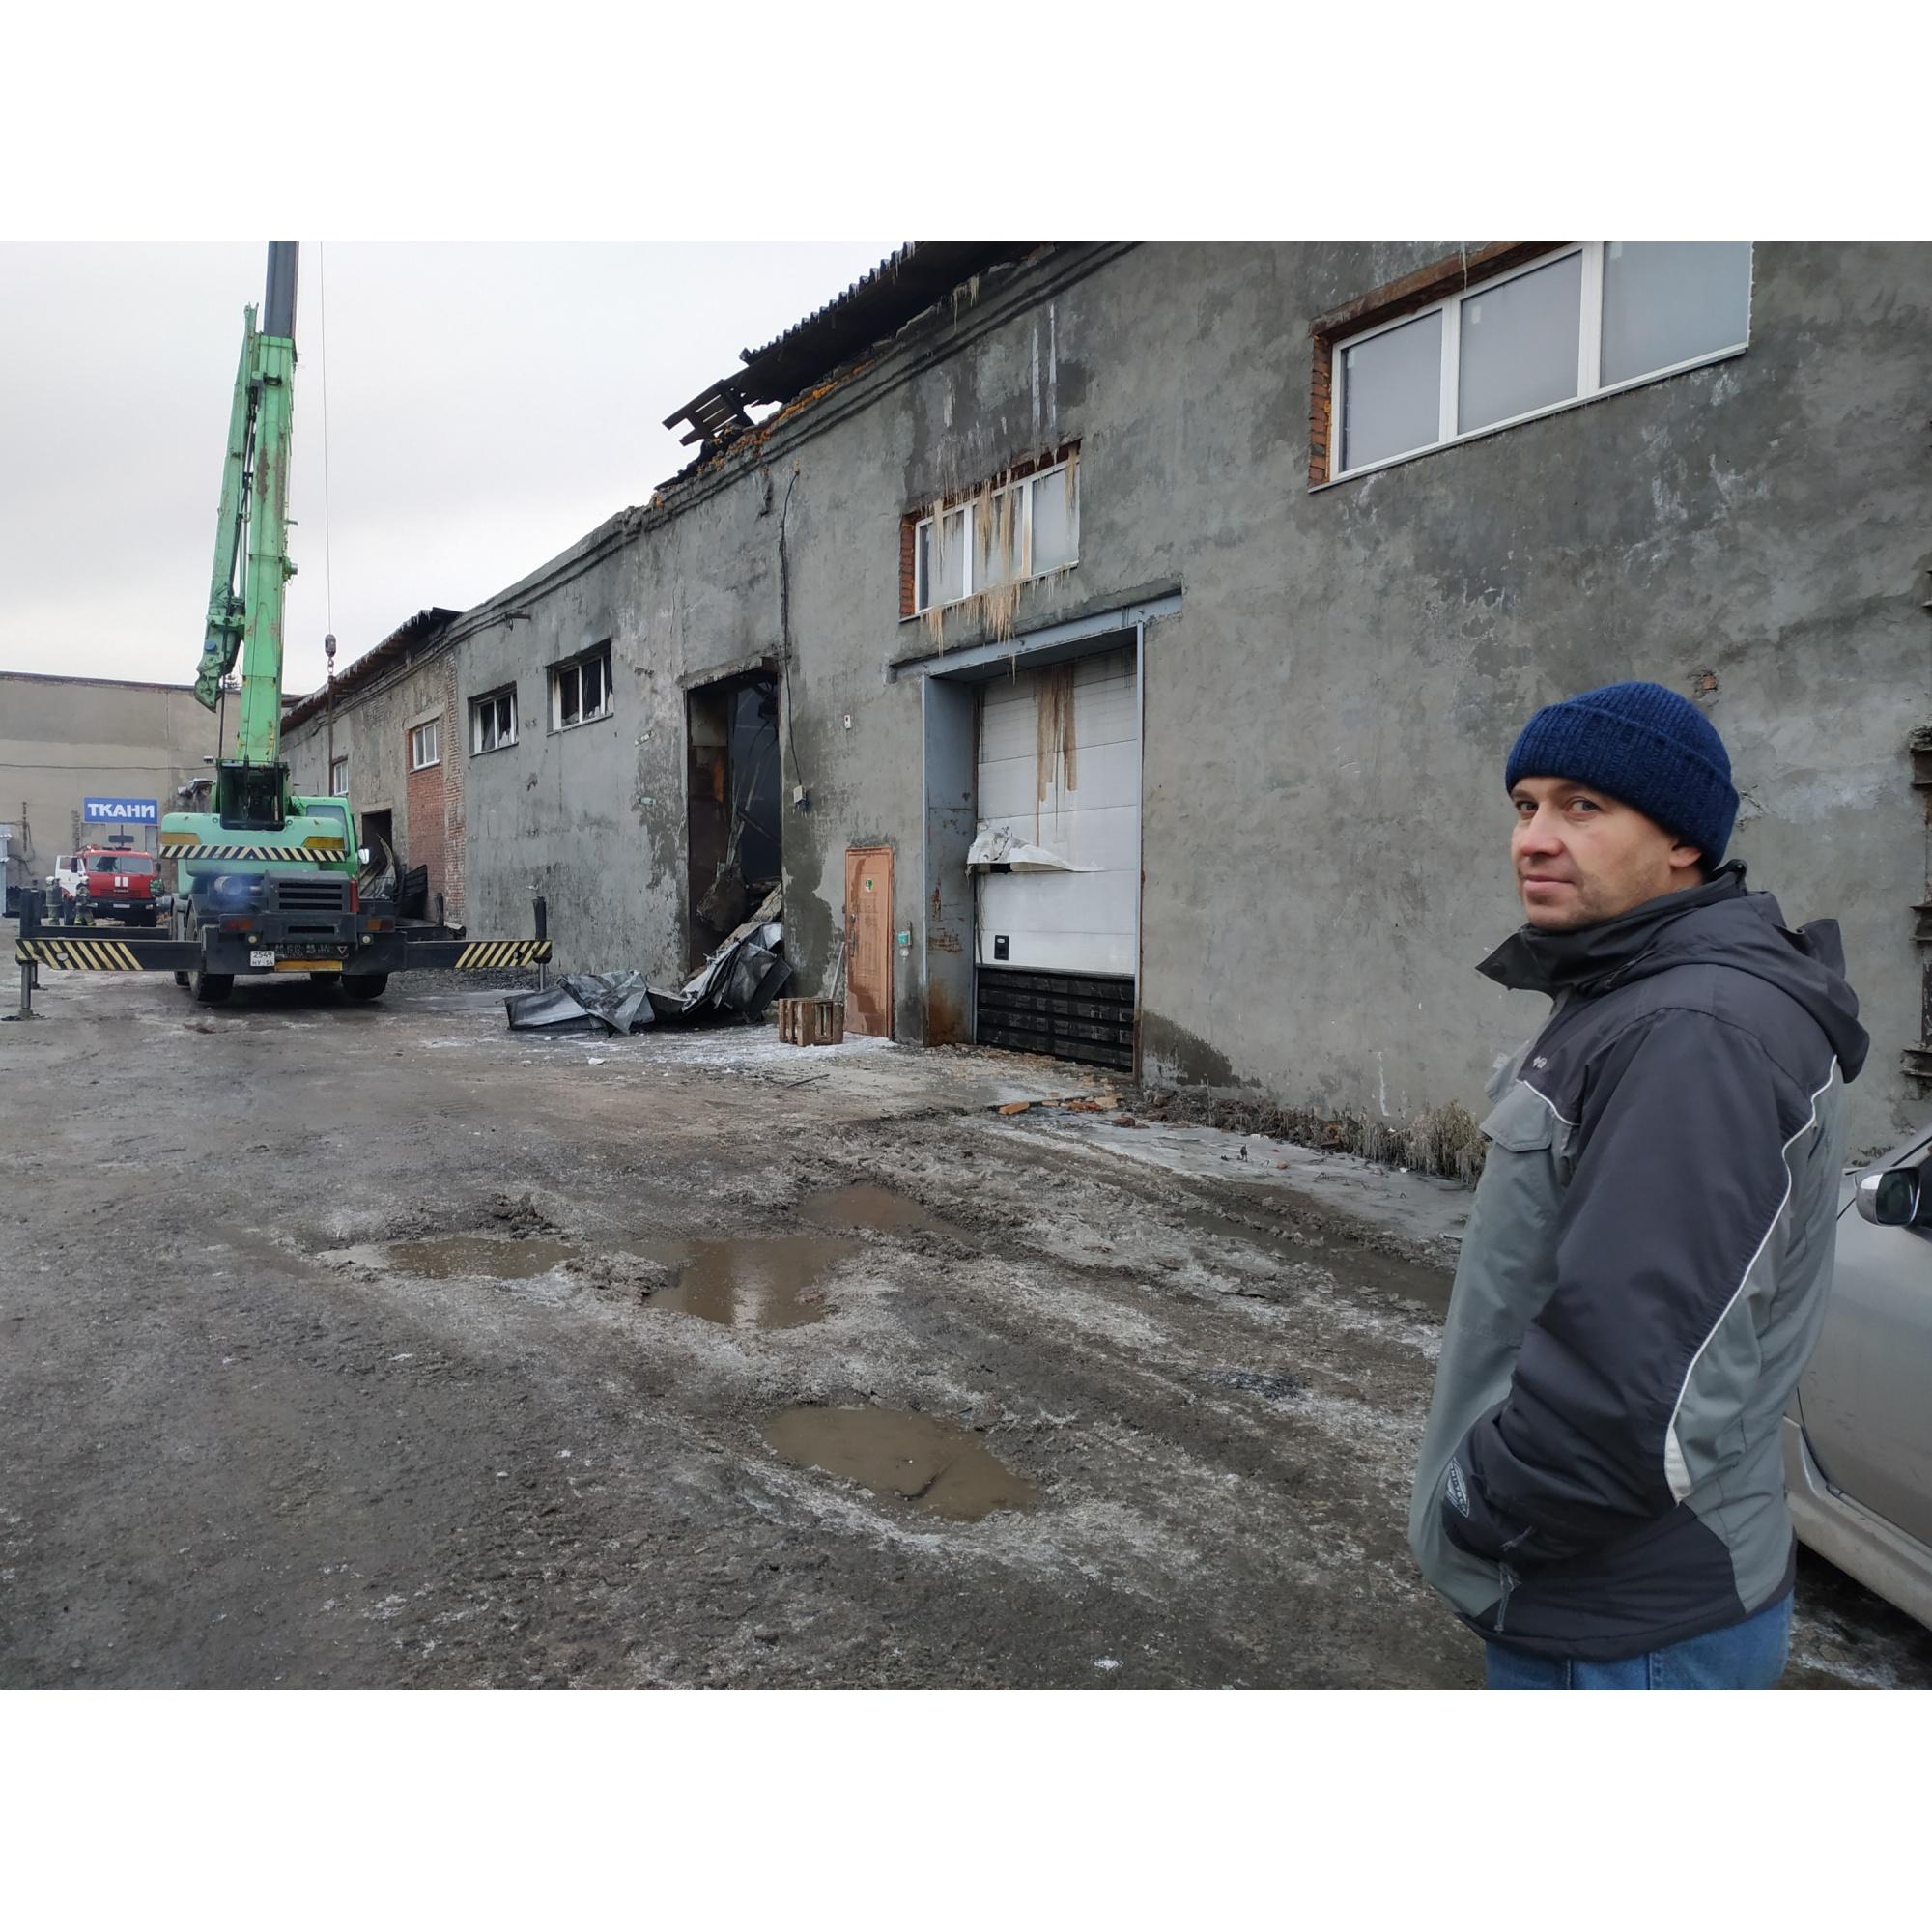 Алексей Морозов пока еще не знает масштаба последствий: пожарные разгребают завалы, внутри помещения мужчина еще не был